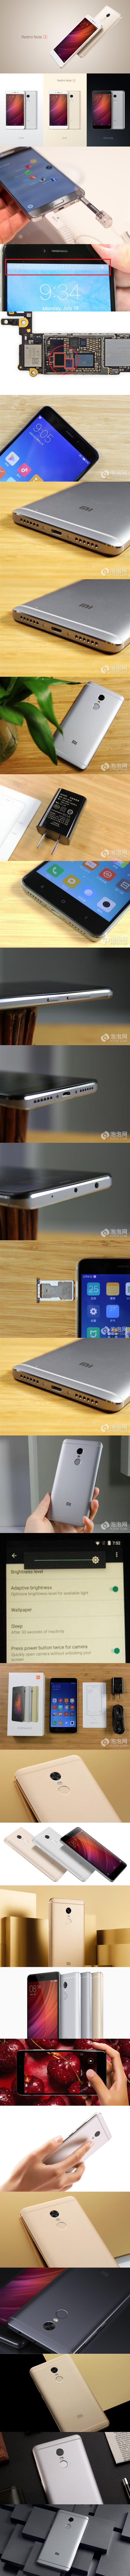 Xiaomi Redmi Note 4: Helio X10, tíz mag, 4100 mAh